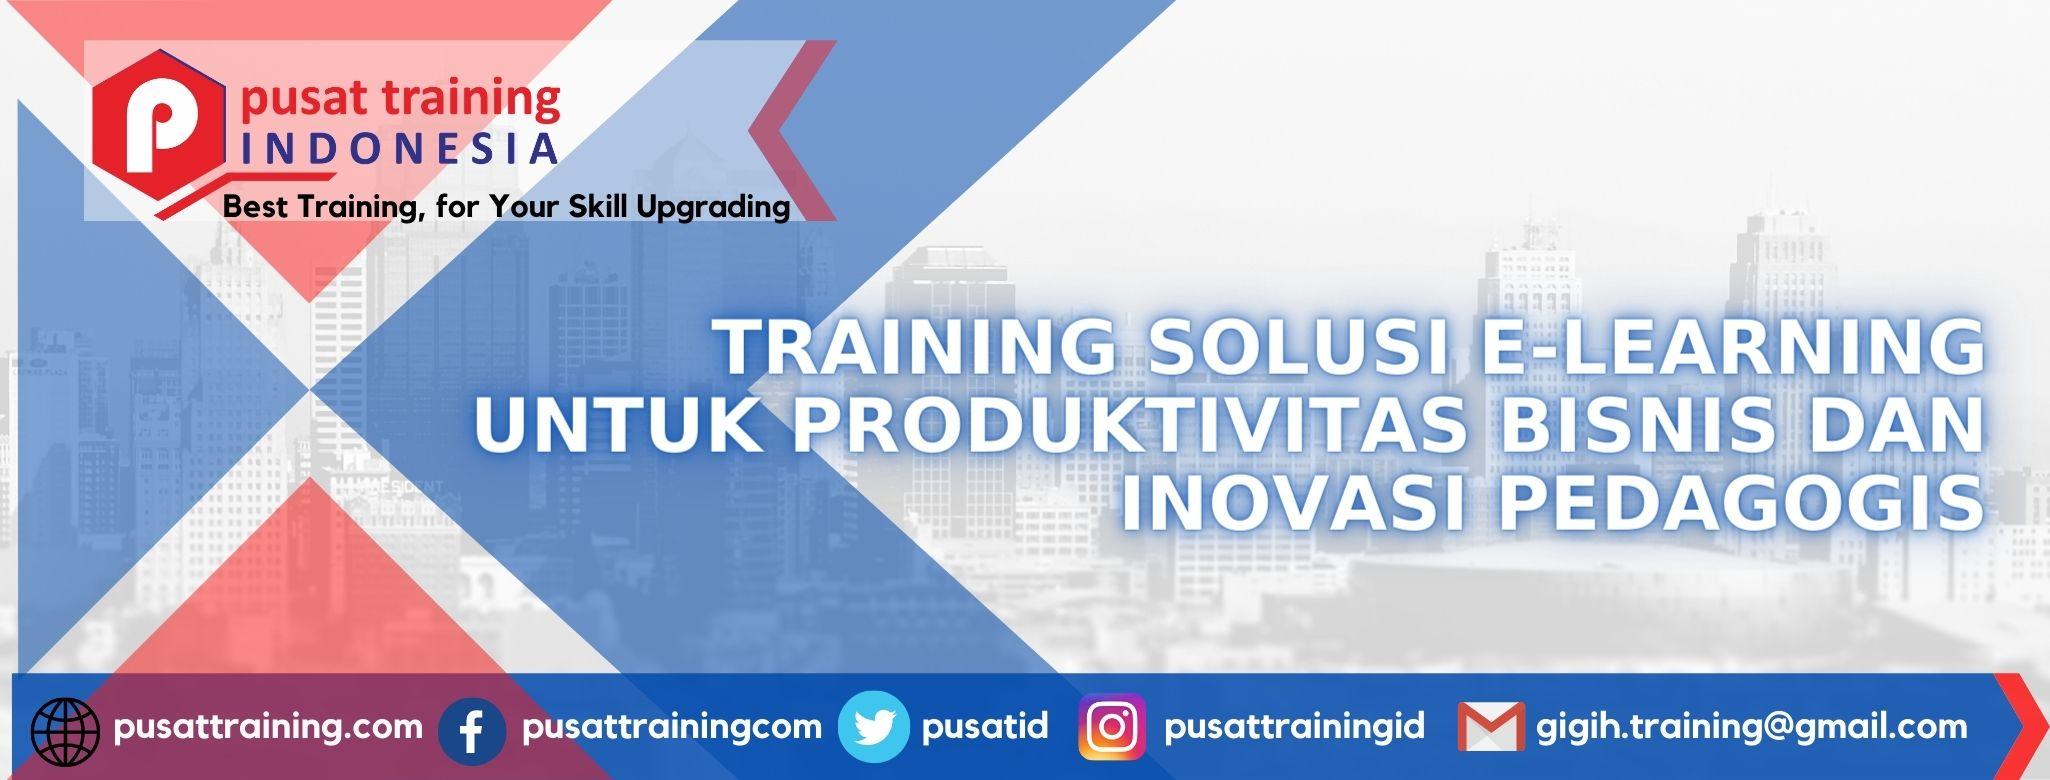 training-solusi-e-learning-untuk-produktivitas-bisnis-dan-inovasi-pedagogis